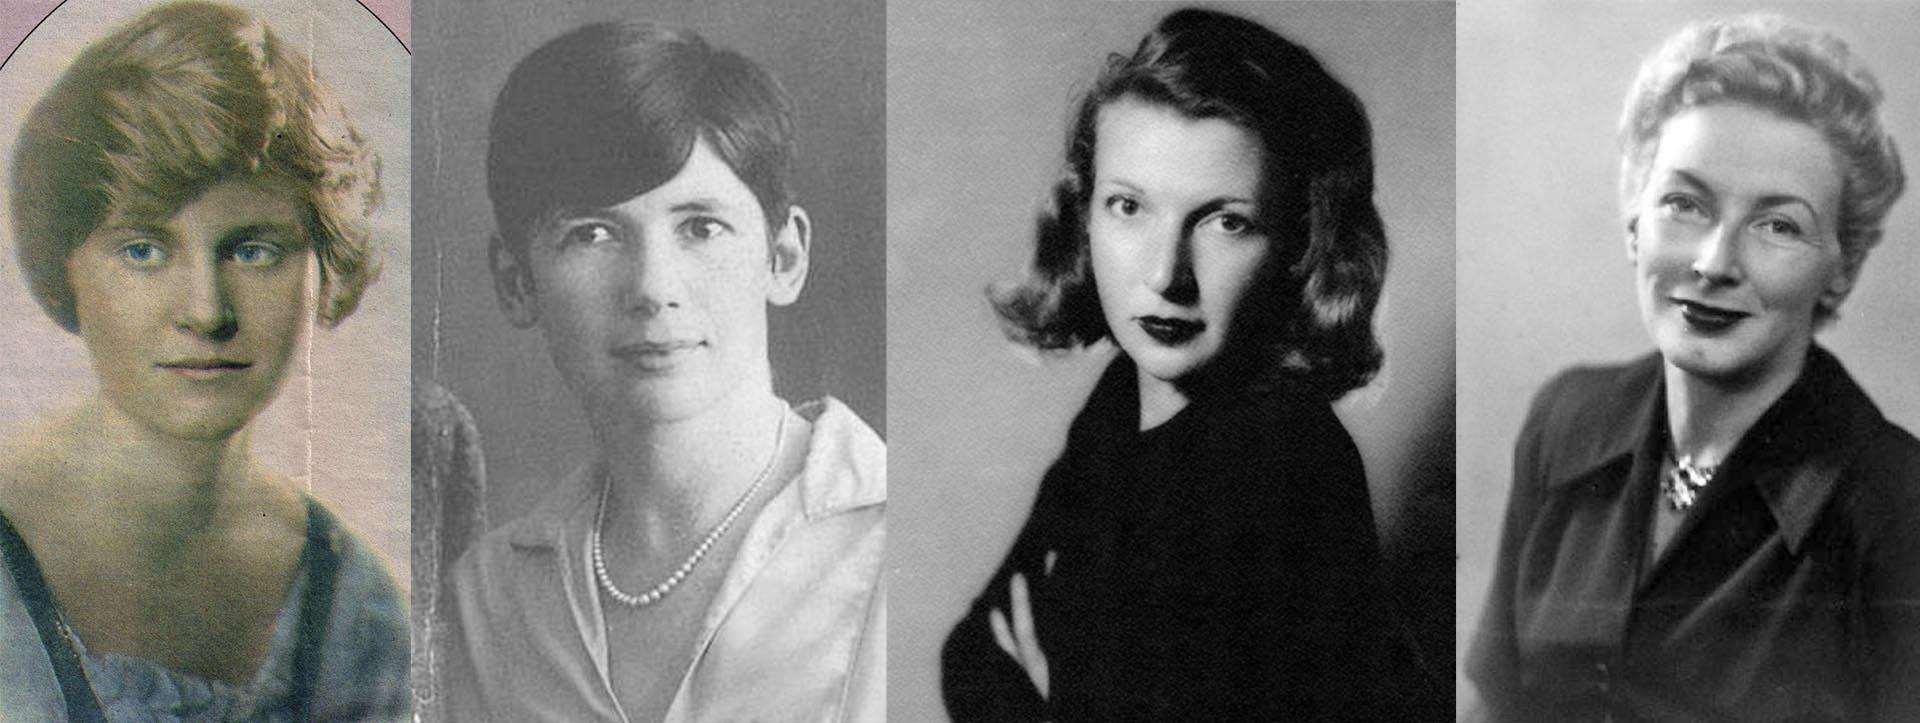 Sus cuatro esposas: Hadley Richardson (1921-1927); Pauline Pfeiffer (1927-1940), Martha Gellhorn, una de las corresponsales de guerra más importantes de la historia (1940-1945), y Mary Welsh, de 1946 hasta su suicidio en 1961